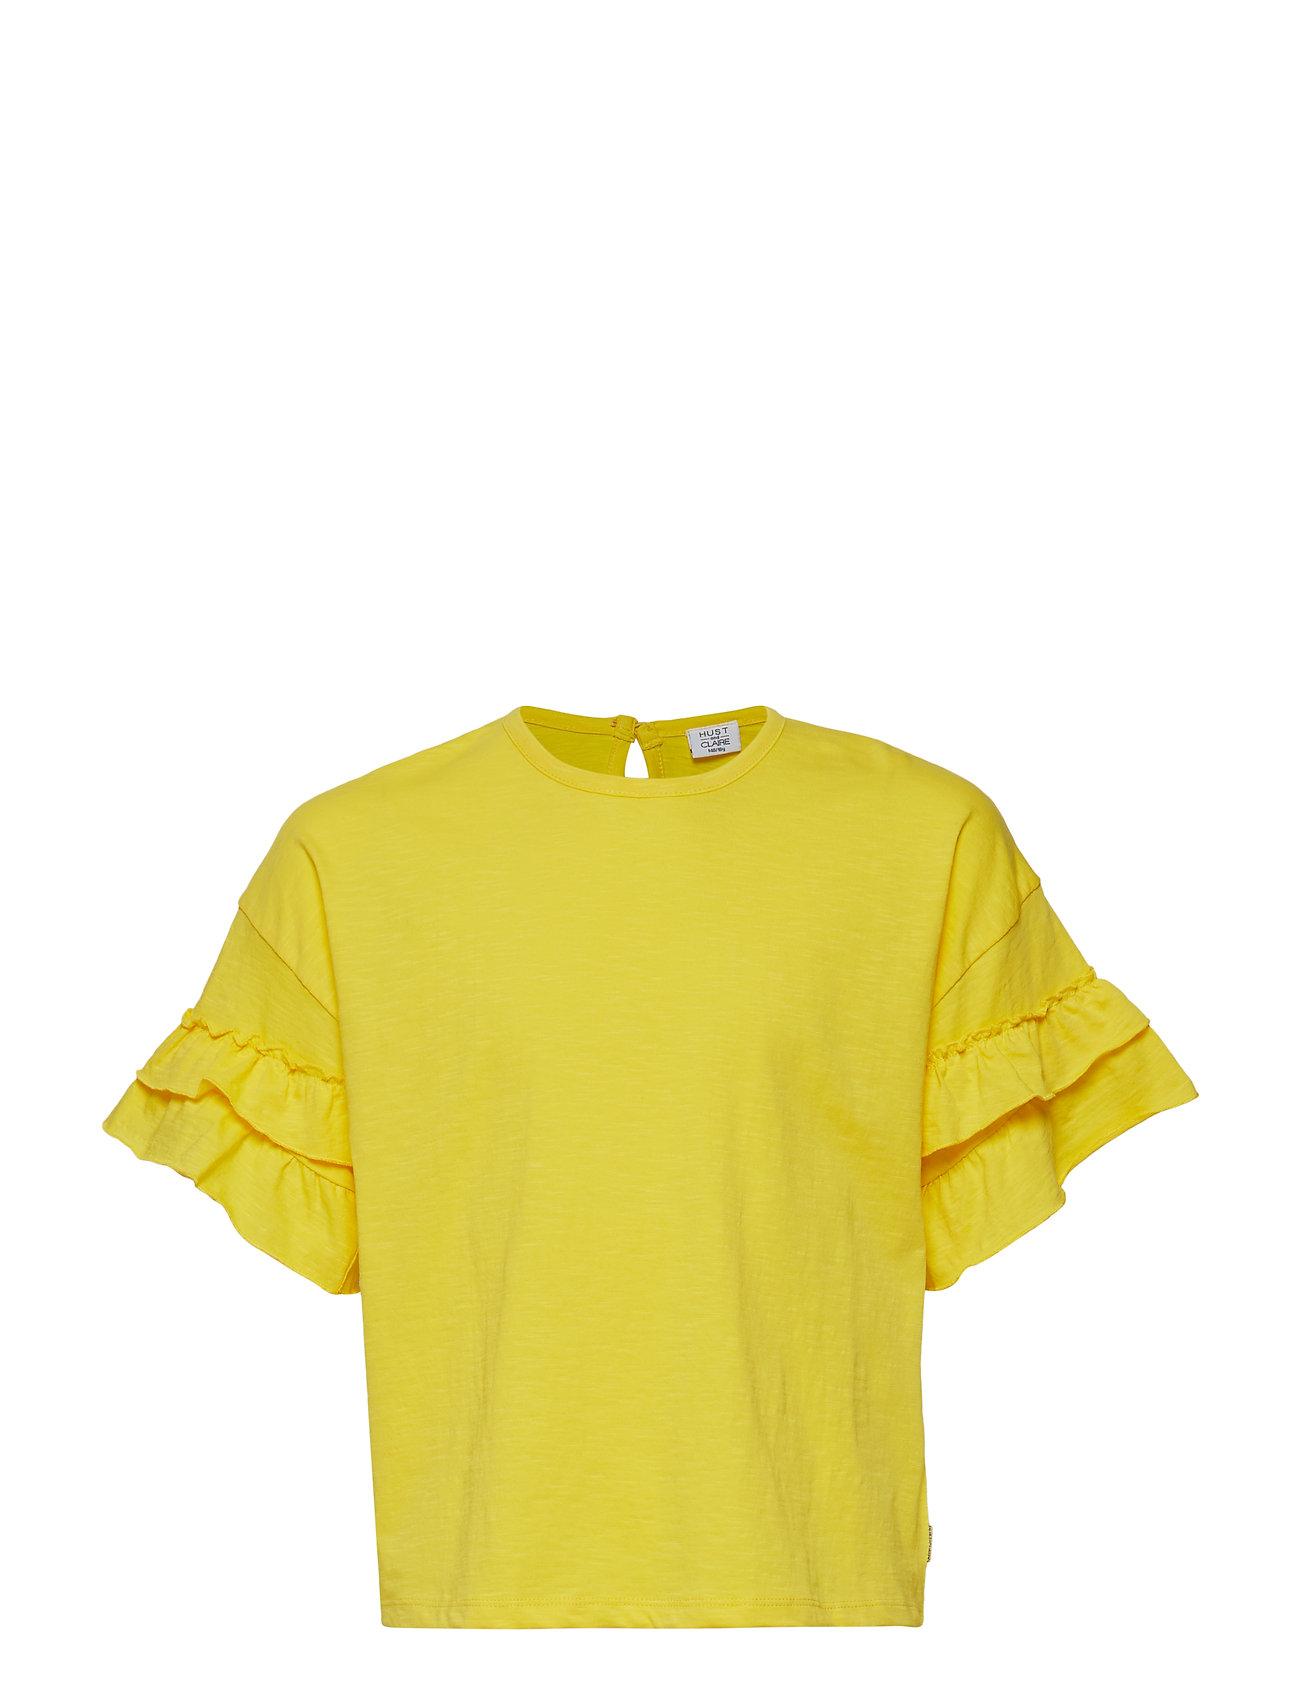 Hust & Claire Adela - T-shirt S/S - LEMON